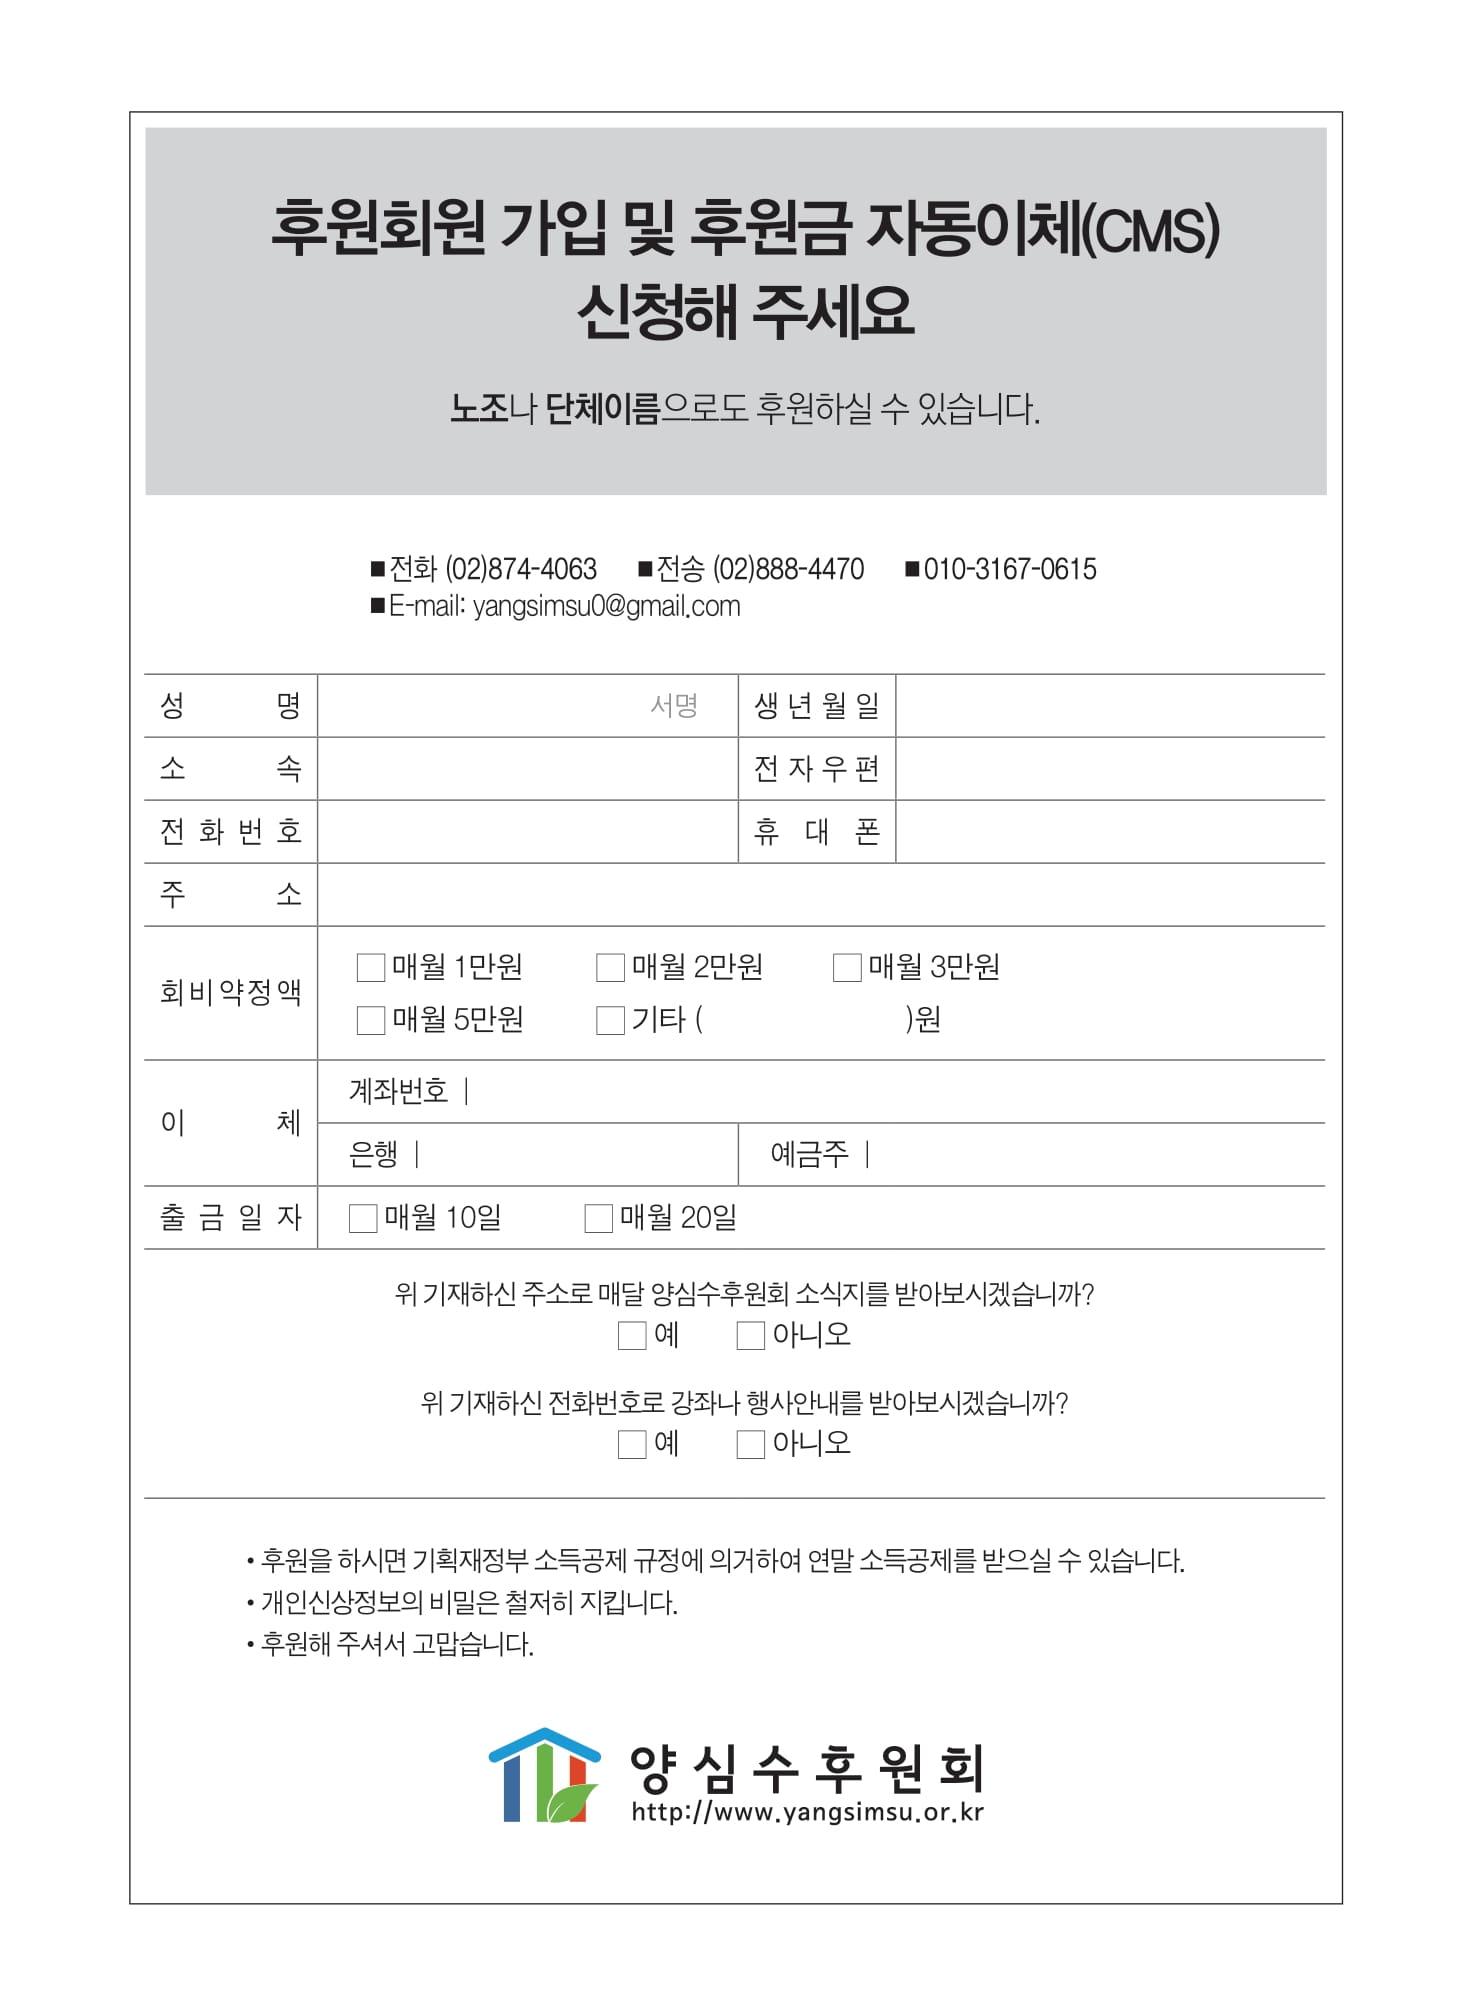 [양심수후원회] 소식지 354호 web 수정-92.jpg